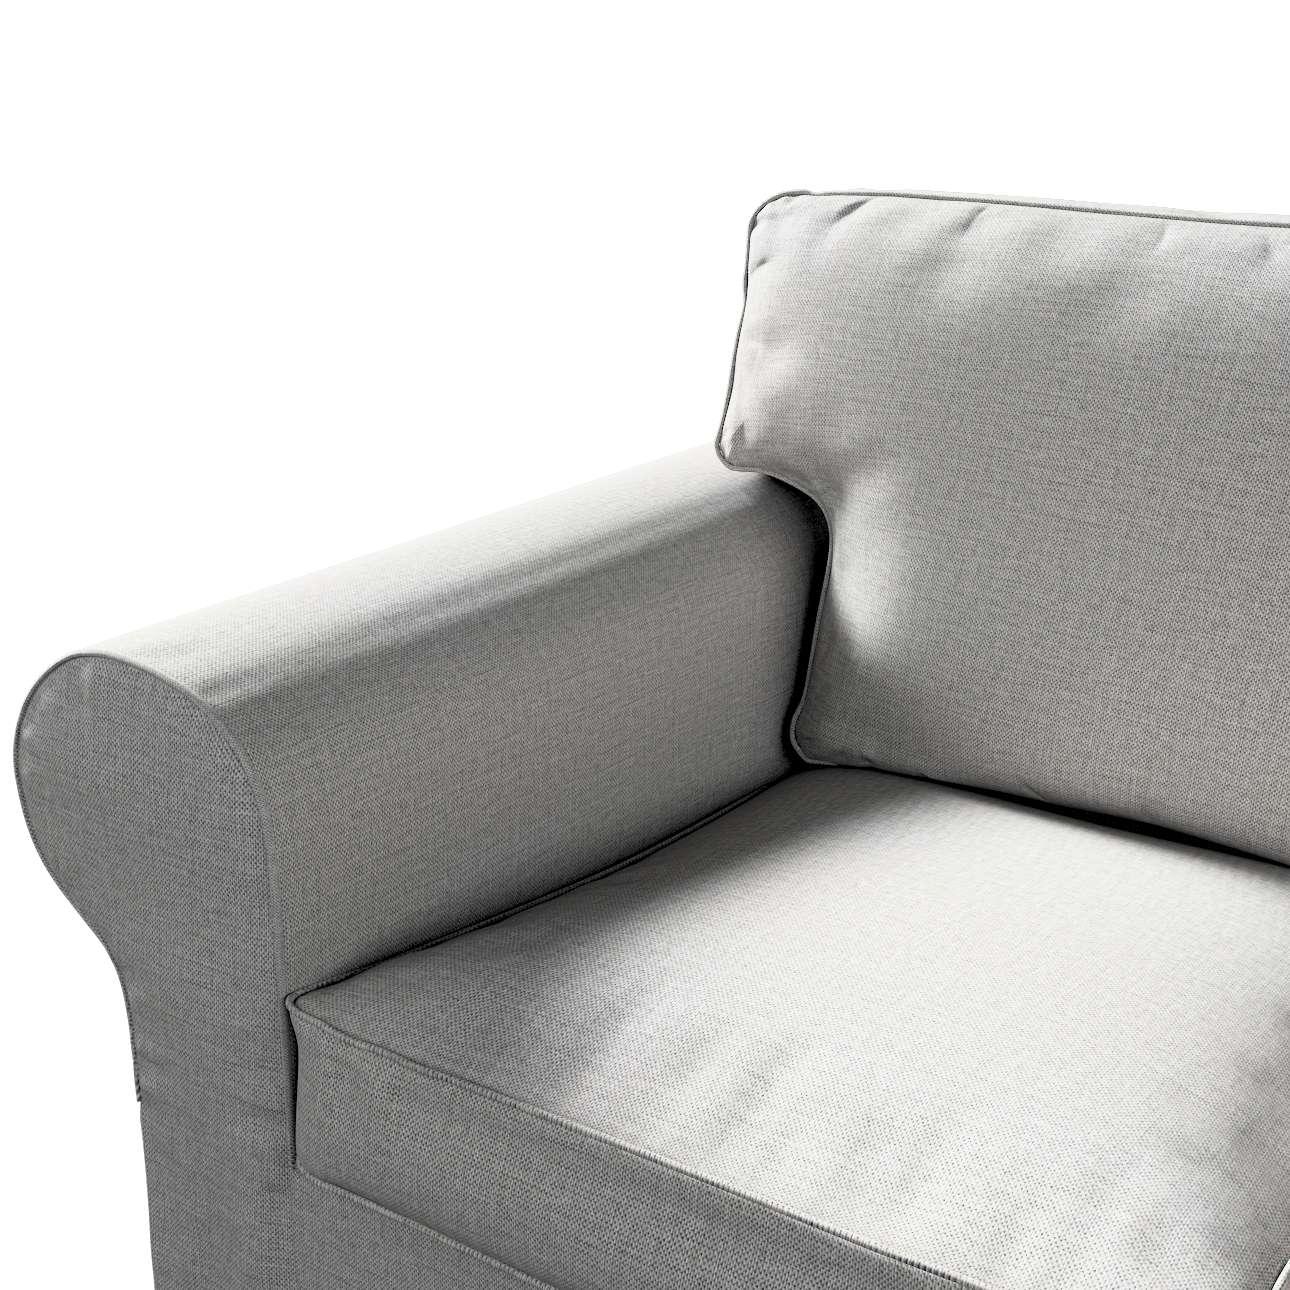 Pokrowiec na sofę Ektorp 3-osobową, rozkładaną w kolekcji Living II, tkanina: 160-89